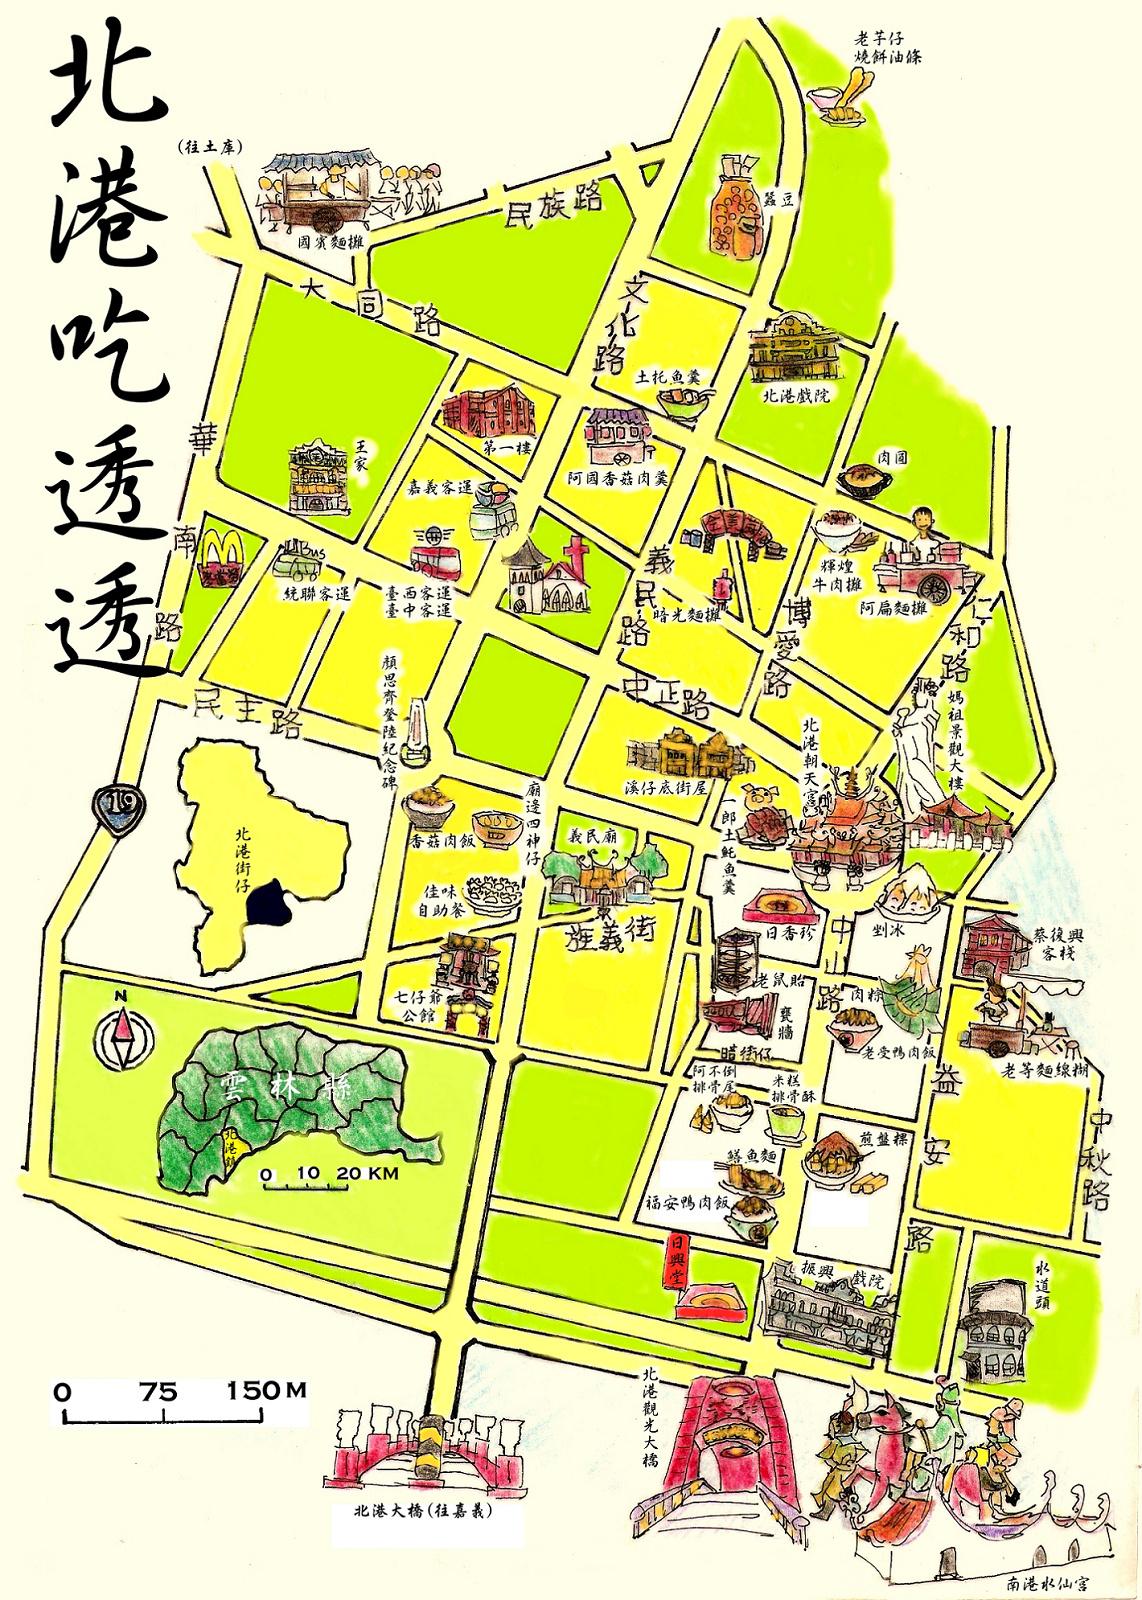 雲林《北港美食 &北港小吃》地圖整理